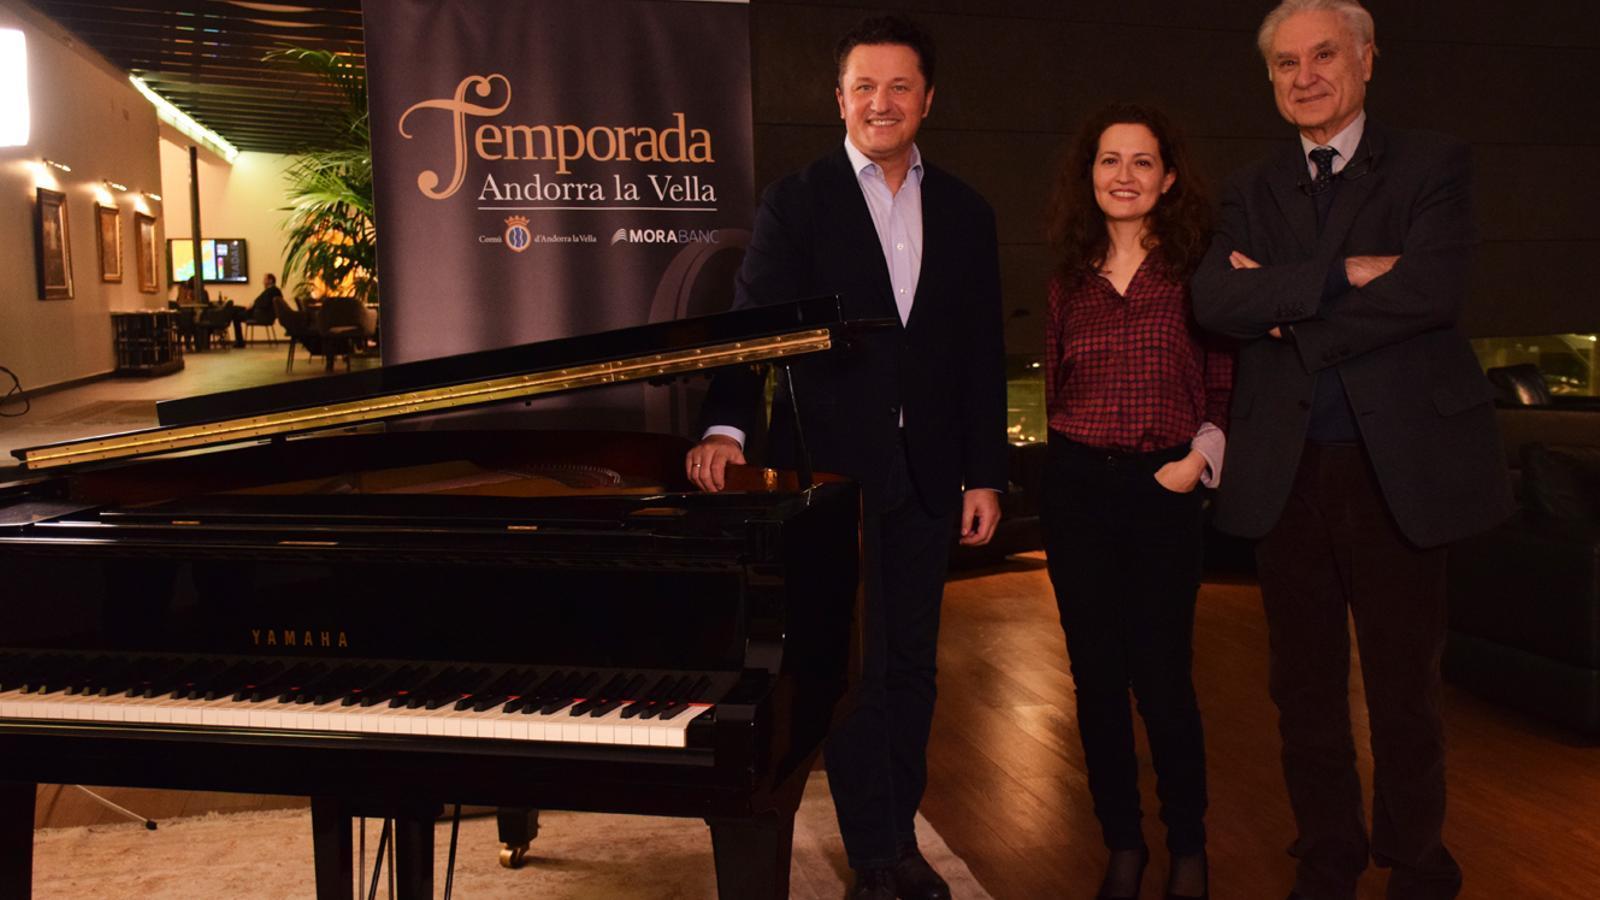 149446_imatge3El tenor Piotr Beczala i la pianista Sarah Tysman durant la presentació del primer concert de la Temporada de música i dansa d'Andorra la Vella. / T. N. (ANA)